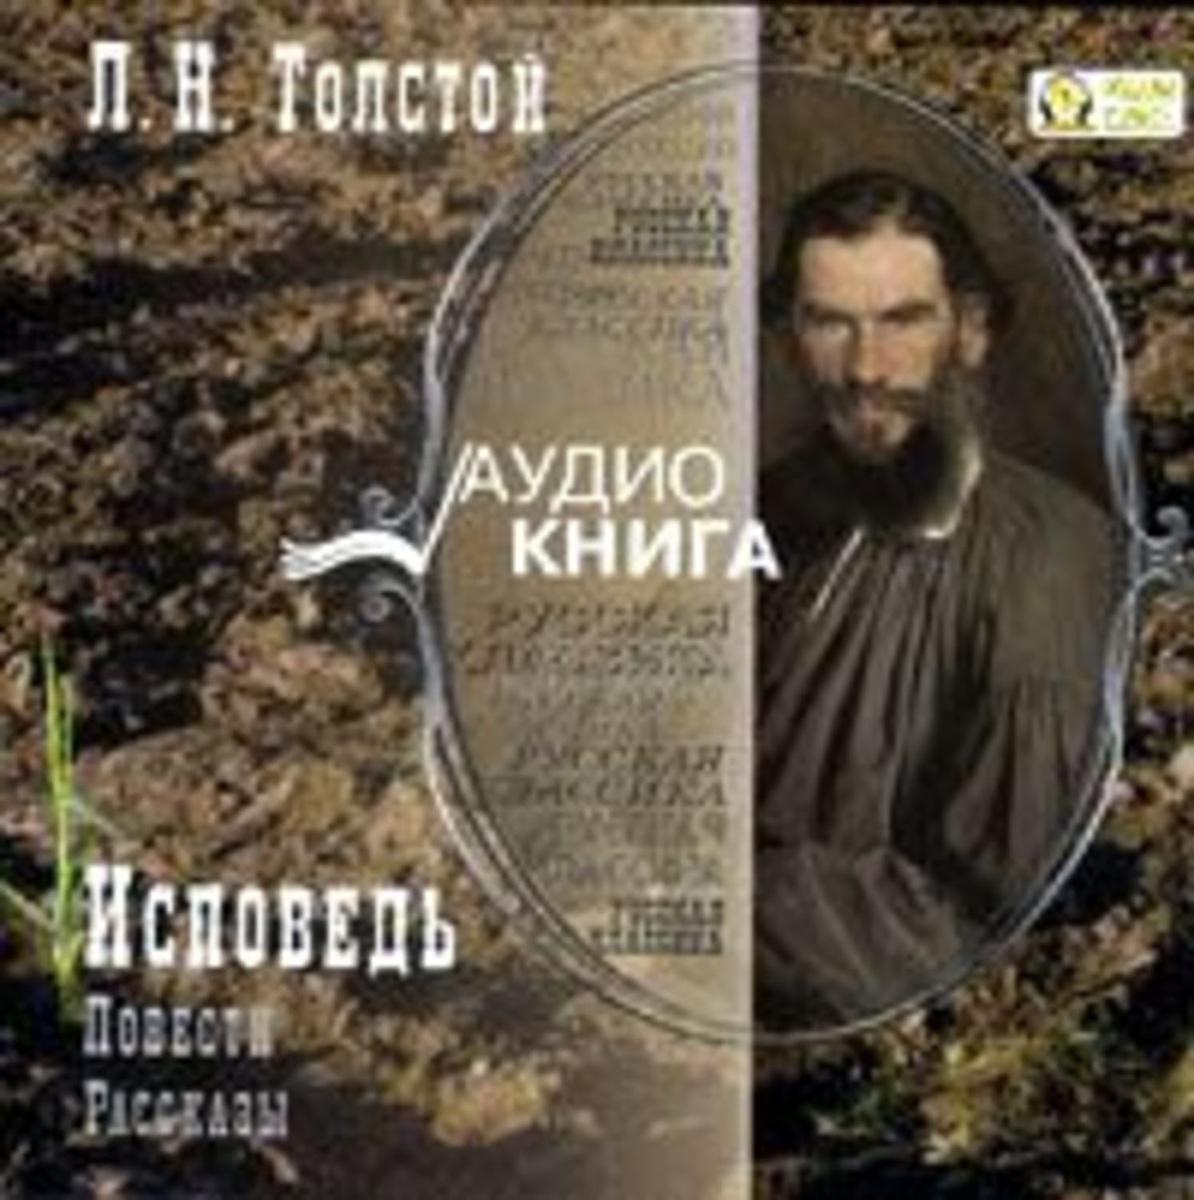 Исповедь. Повести и рассказы | Толстой Лев Николаевич #1